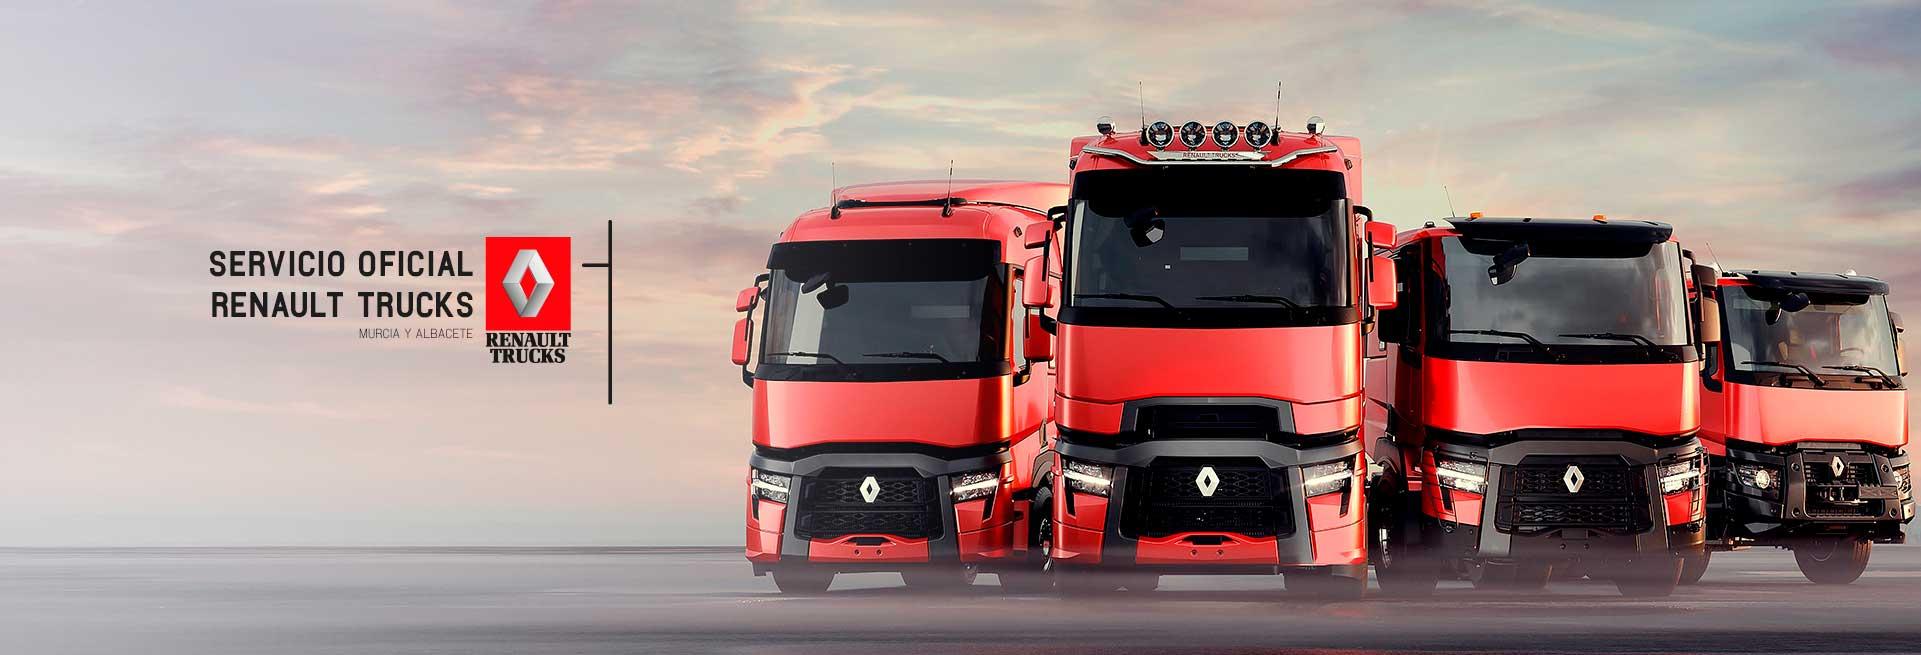 slider-renault-trucks_v2